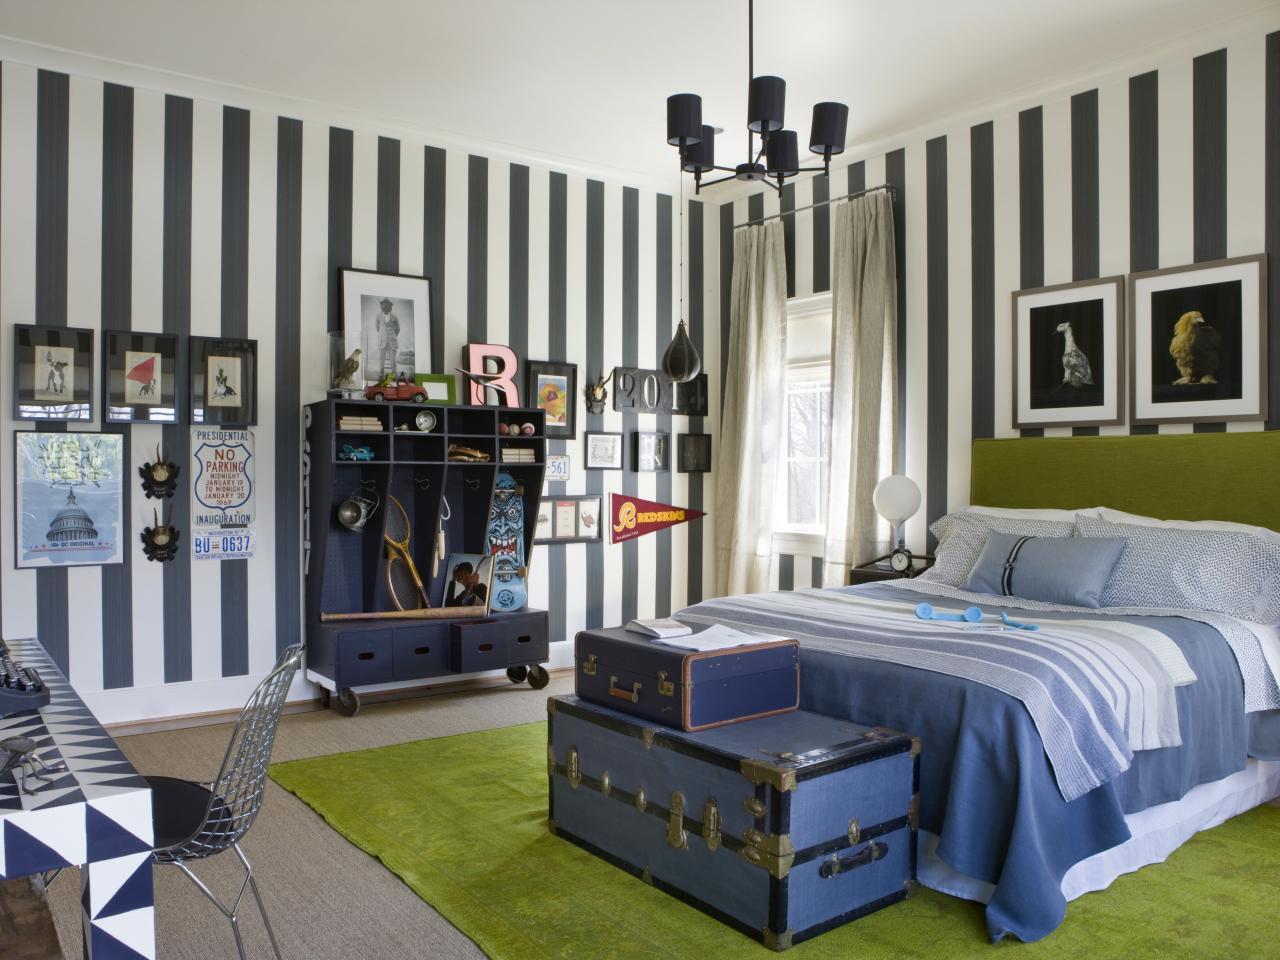 DP_DC-Design-House-2013-Teenage-Boys-Bedroom_s4x3.jpg.rend.hgtvcom.1280.960